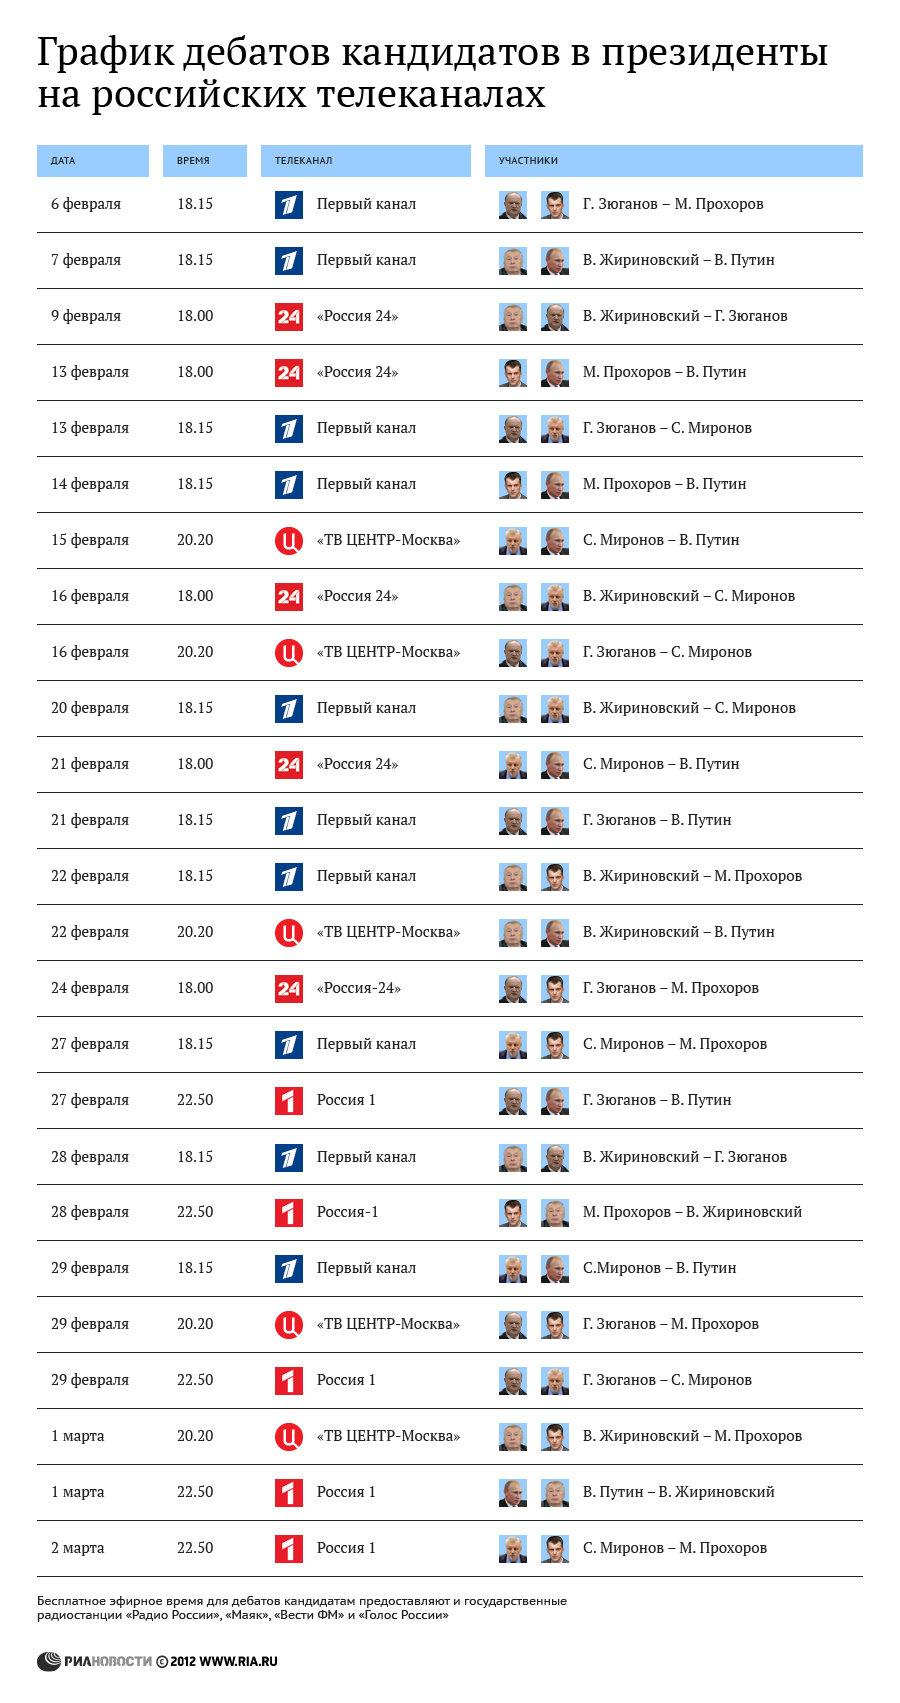 Расписание теледебатов между кандидатами в Президенты РФ, 2012 год